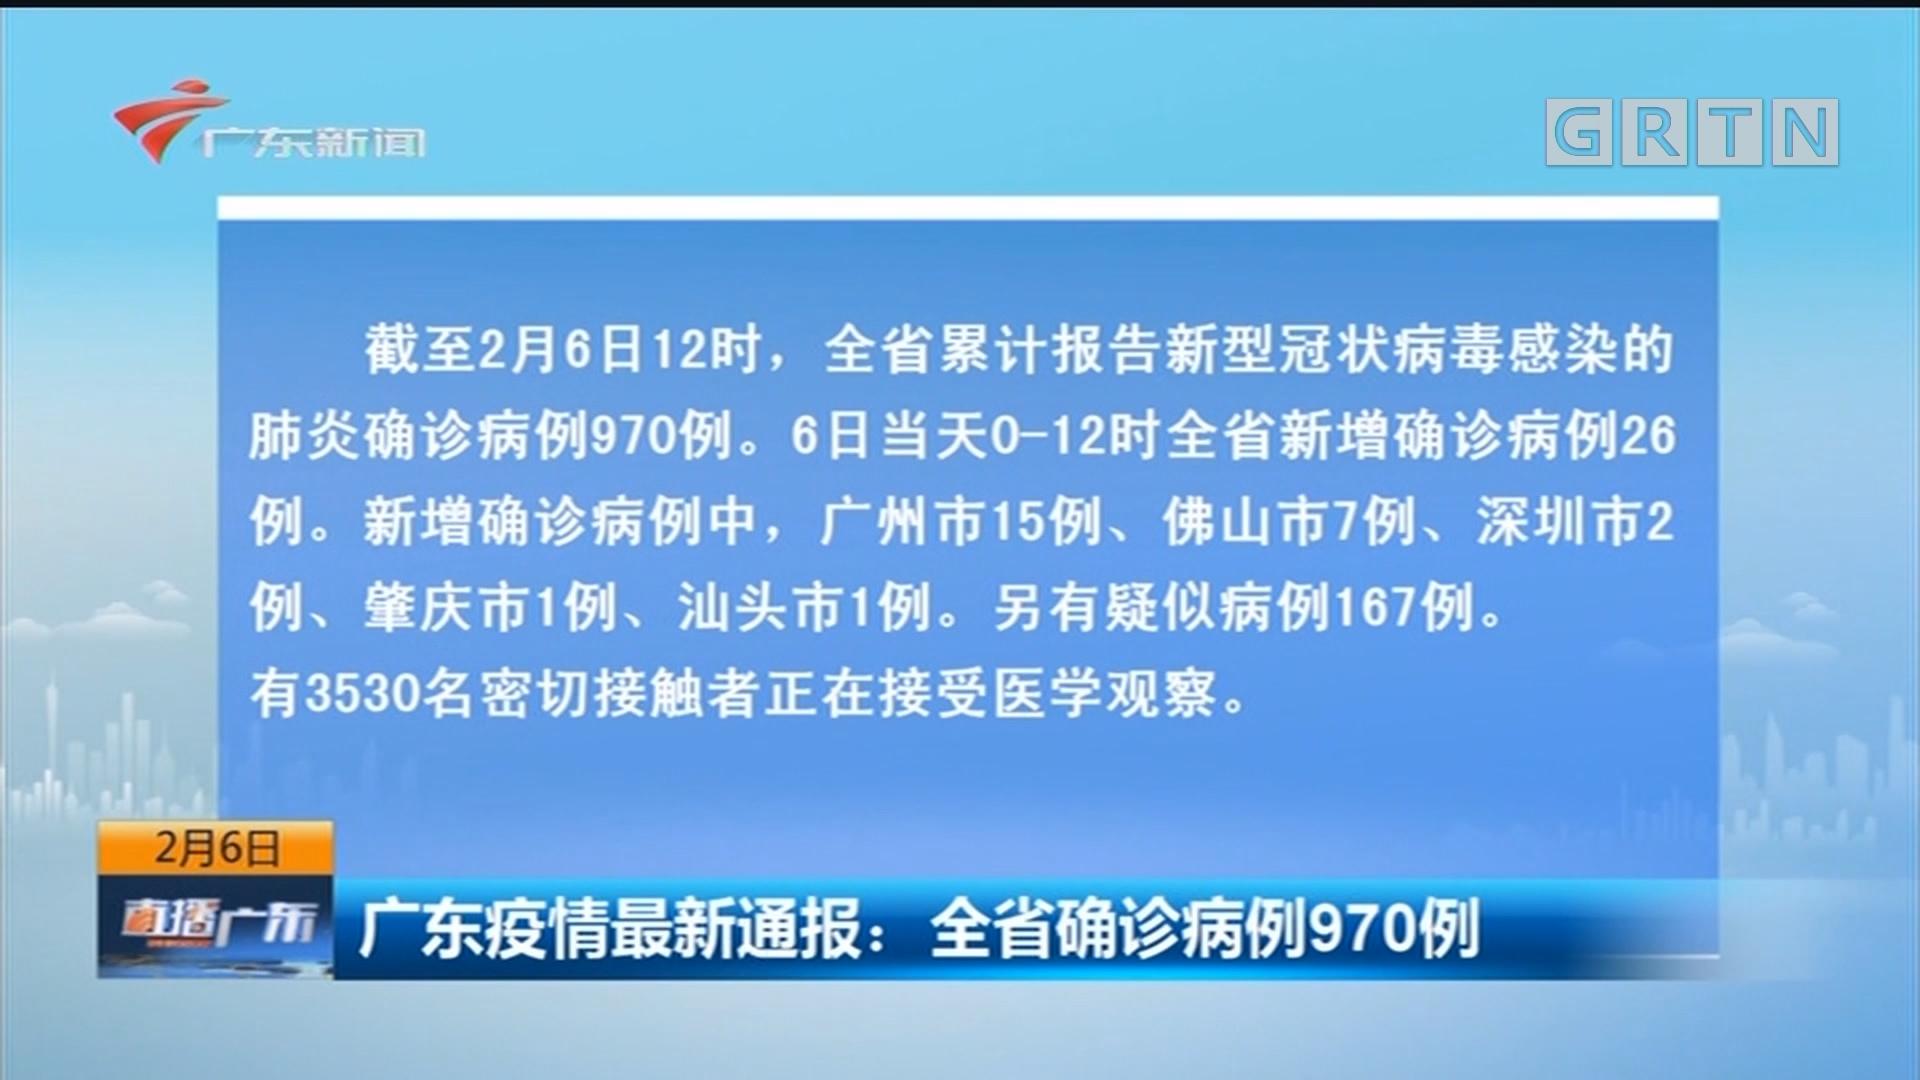 广东疫情最新通报:全省确诊病例970例